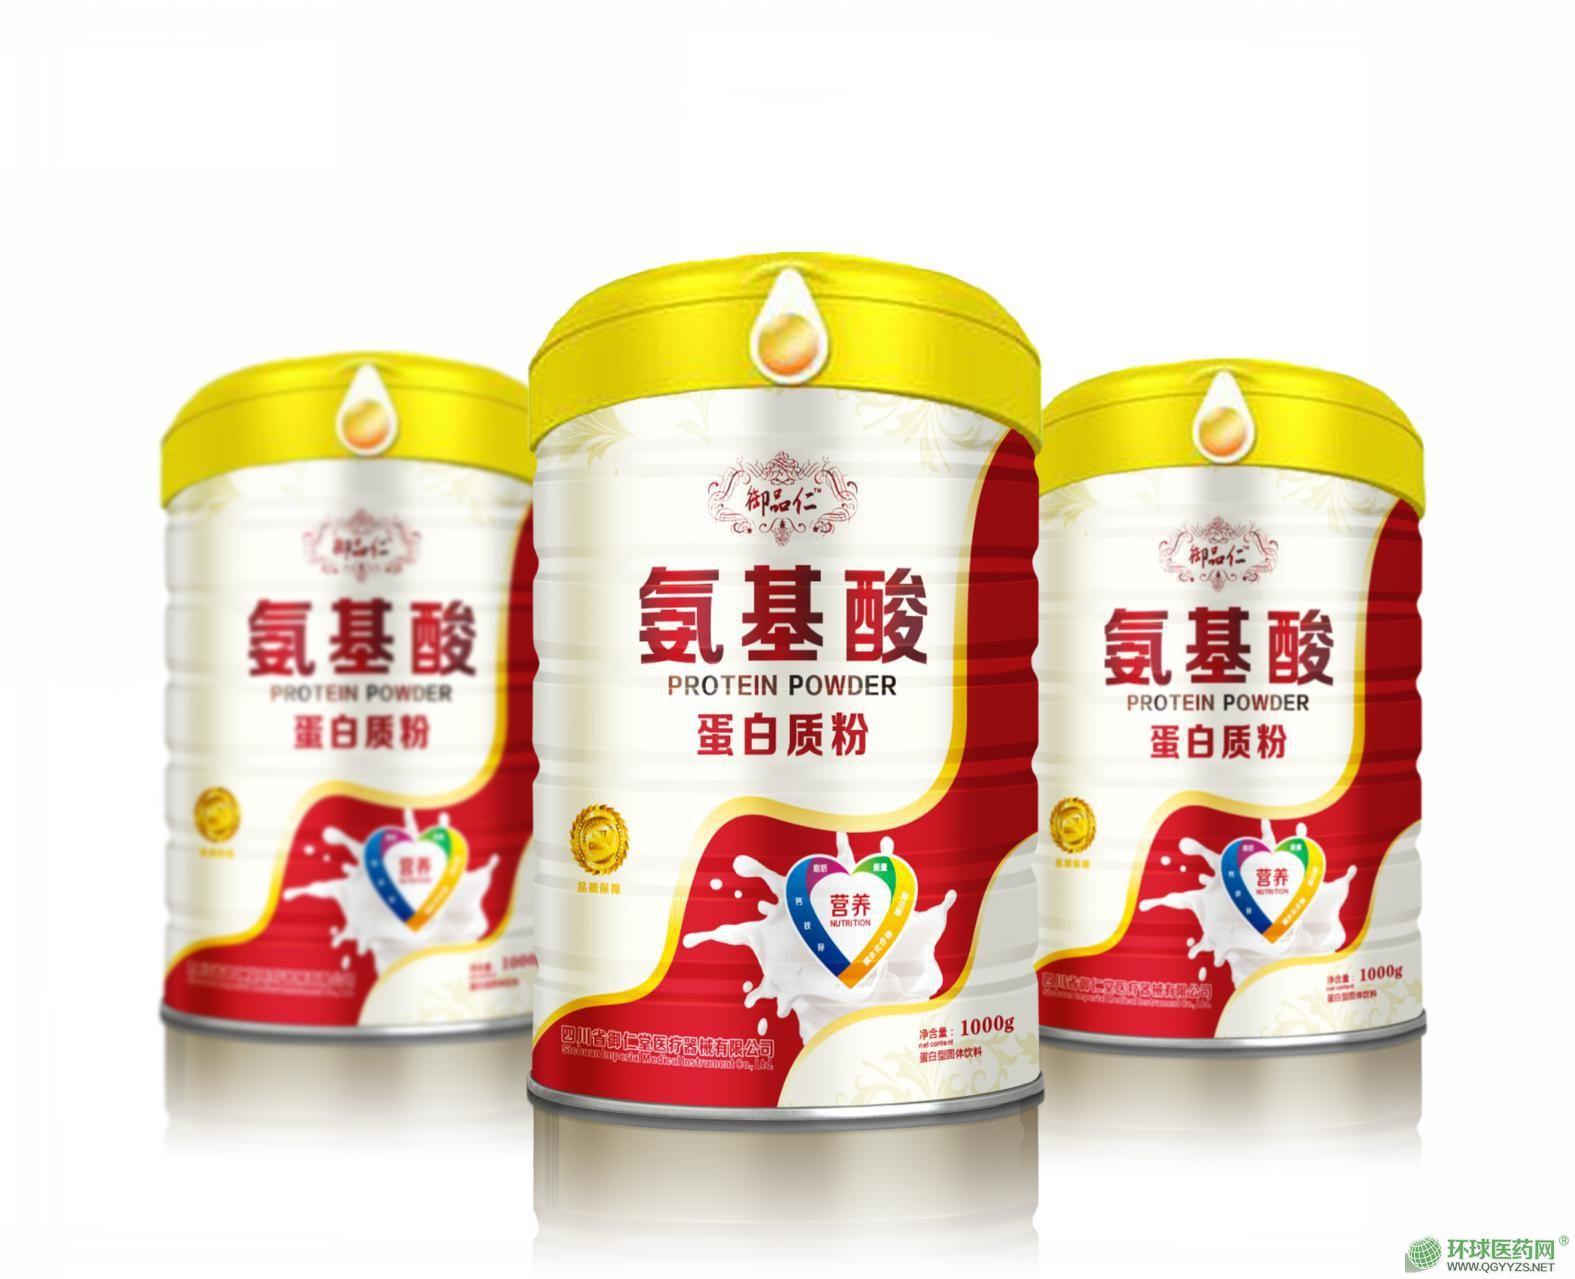 蛋白粉-蛋白质粉